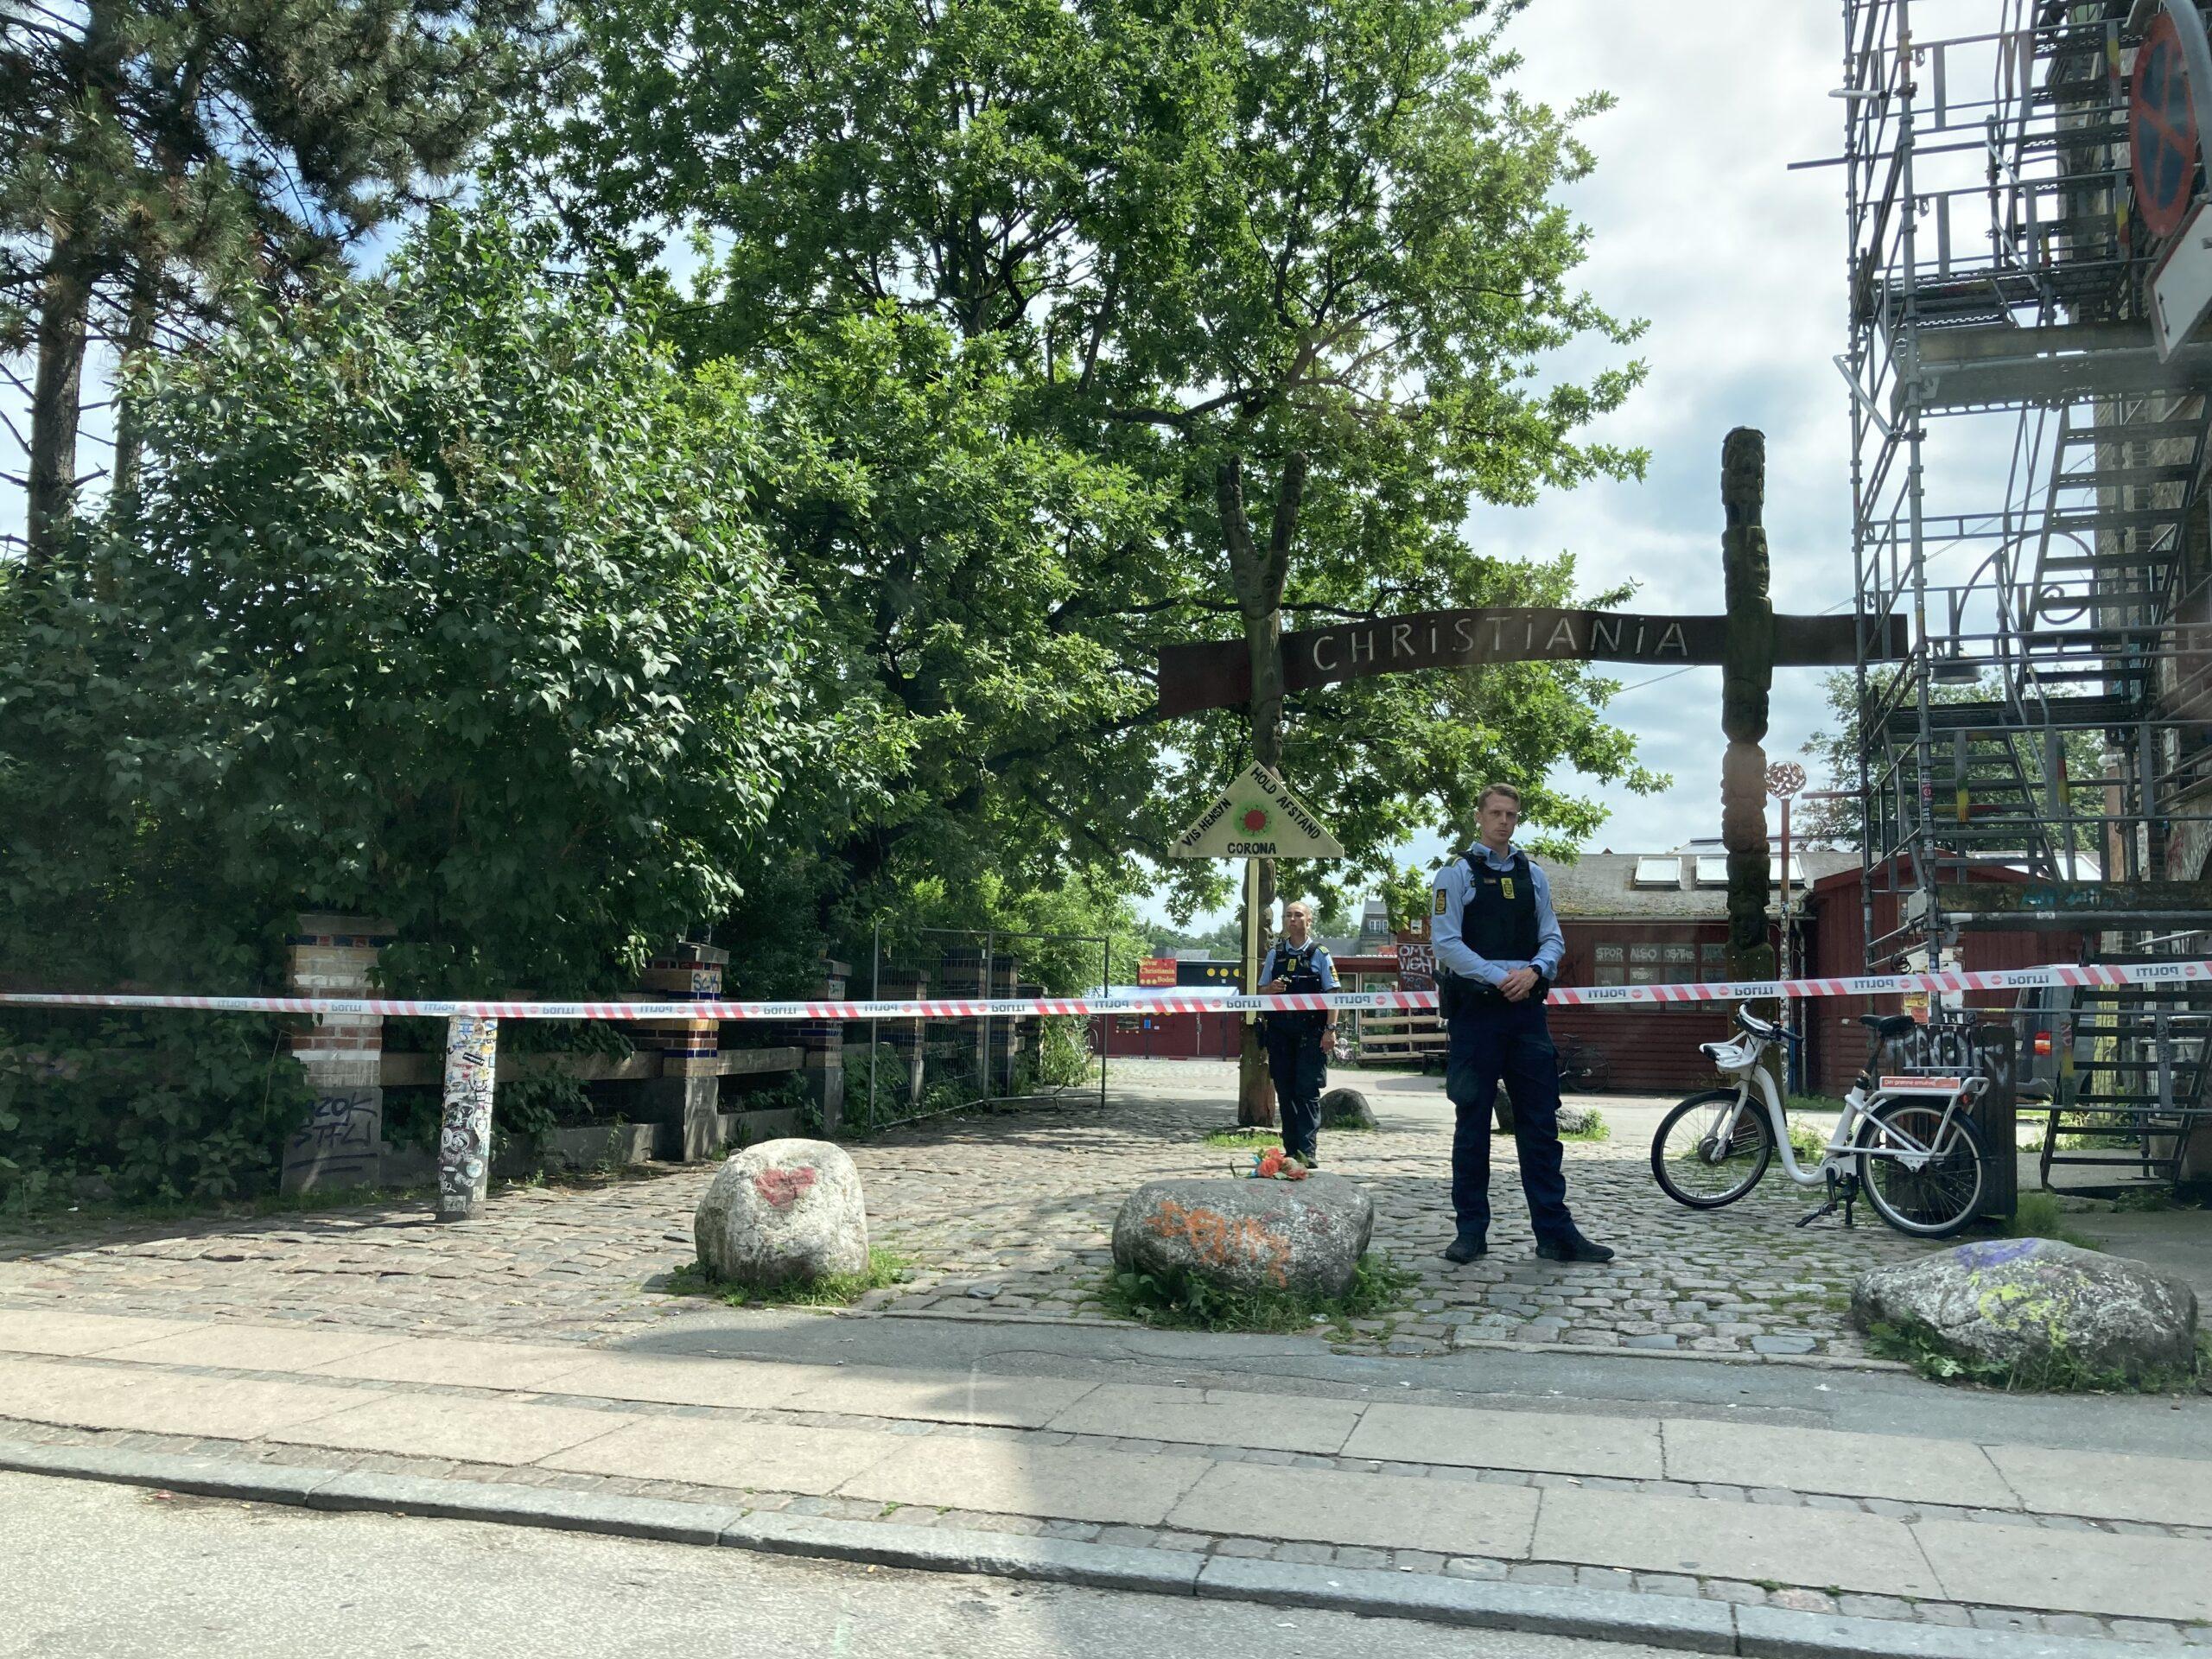 Politiet har afspærret store dele af Christiania